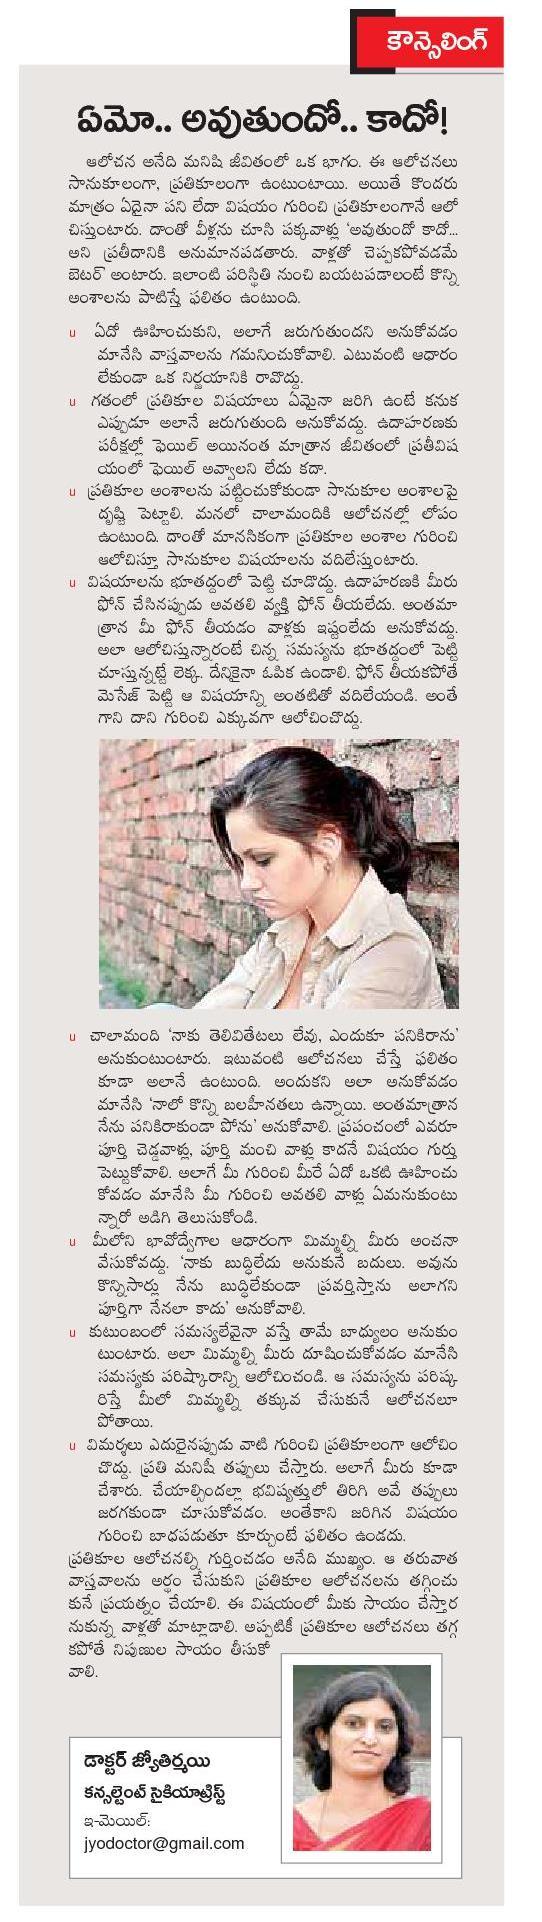 [Telugu] Coping up with Negative Thinking